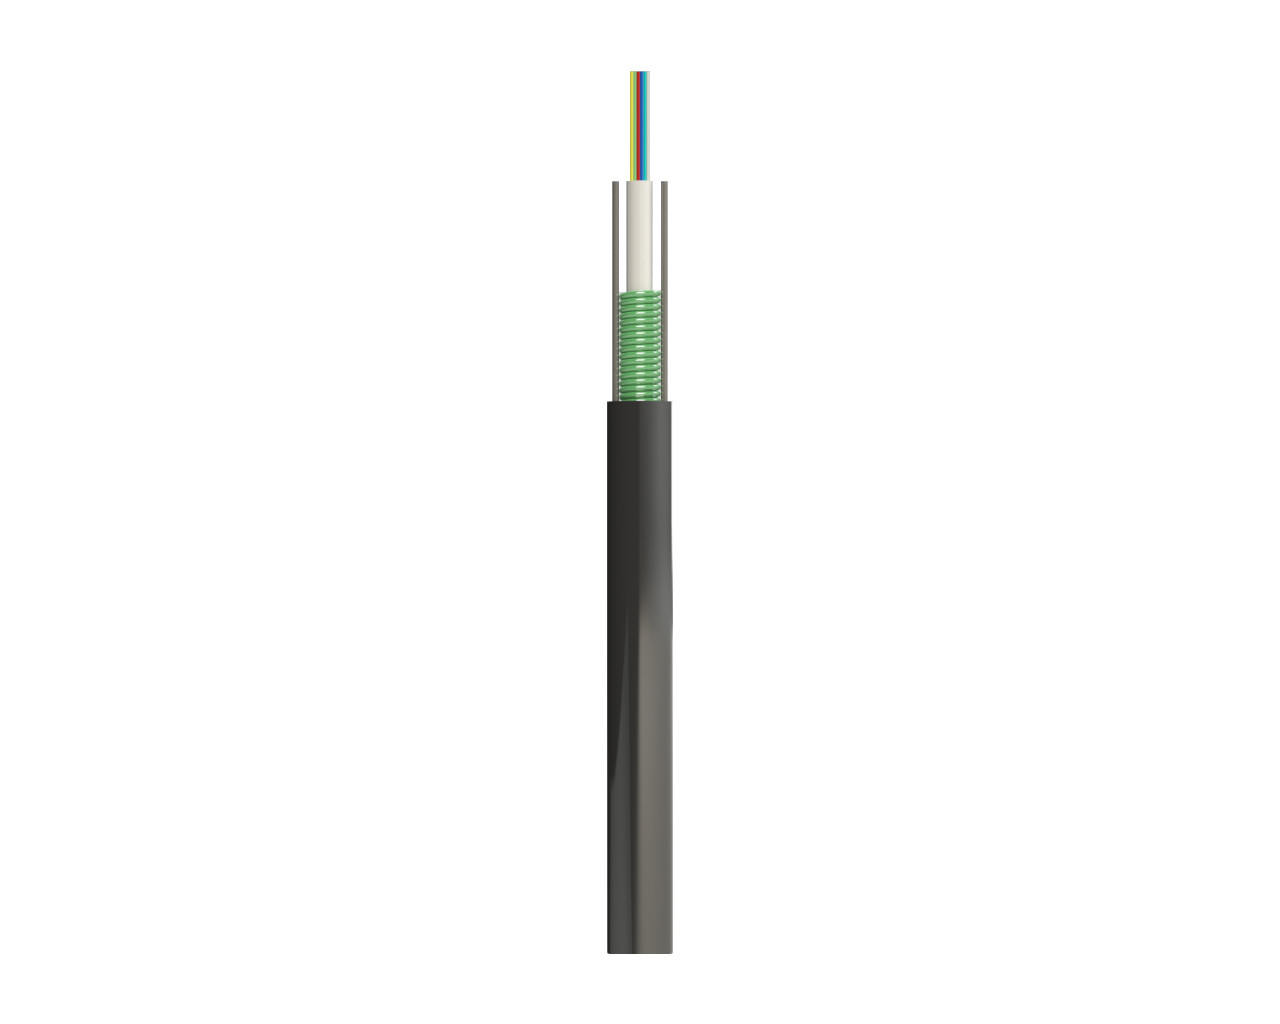 ОКТБг-М(2,7)П-6*12Е1-0,40Ф3,5/0,30Н19-72 брон каб с центр-расп трубкой для прокл в каб кан и грунтах всех кат